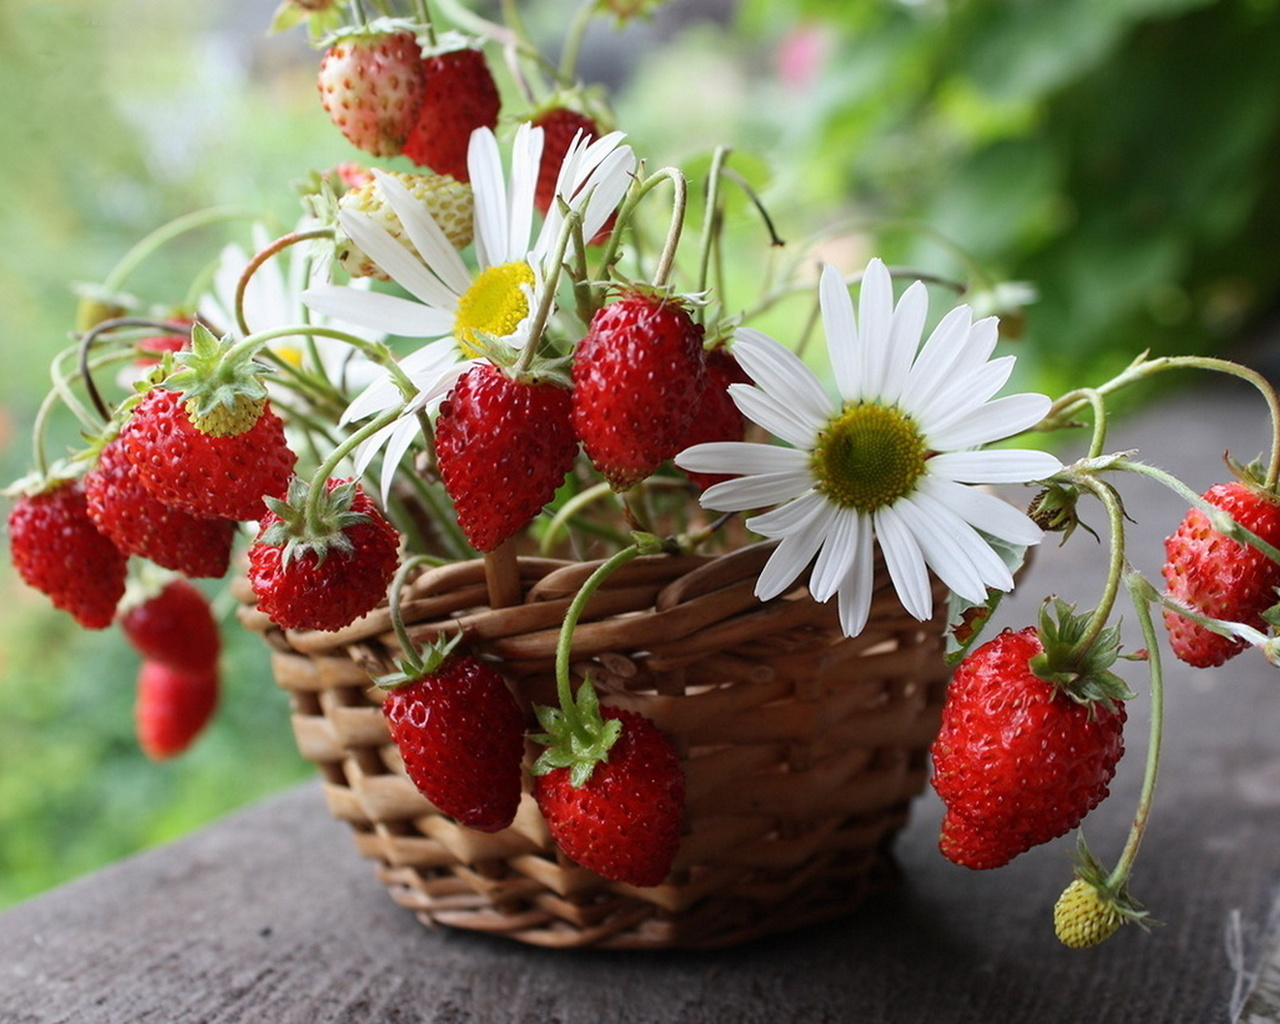 Анимационных, красивые картинки с ягодами и цветами и природой и надписями